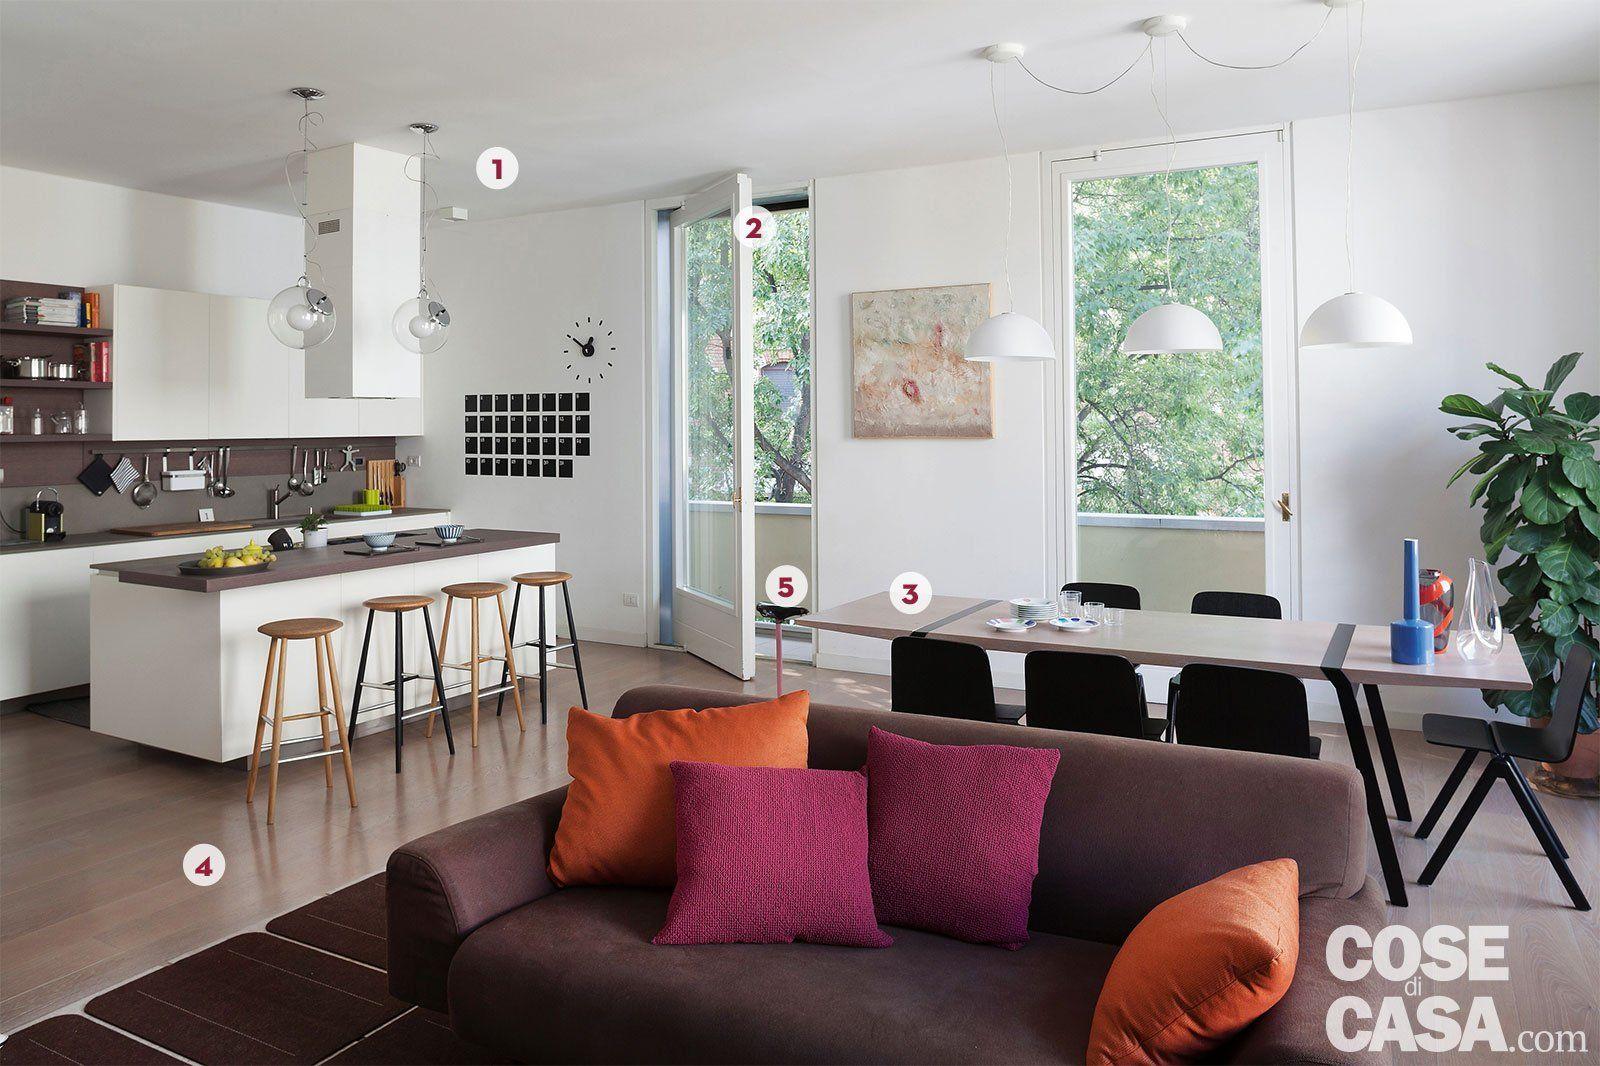 Una casa con il soggiorno open space che diventa più